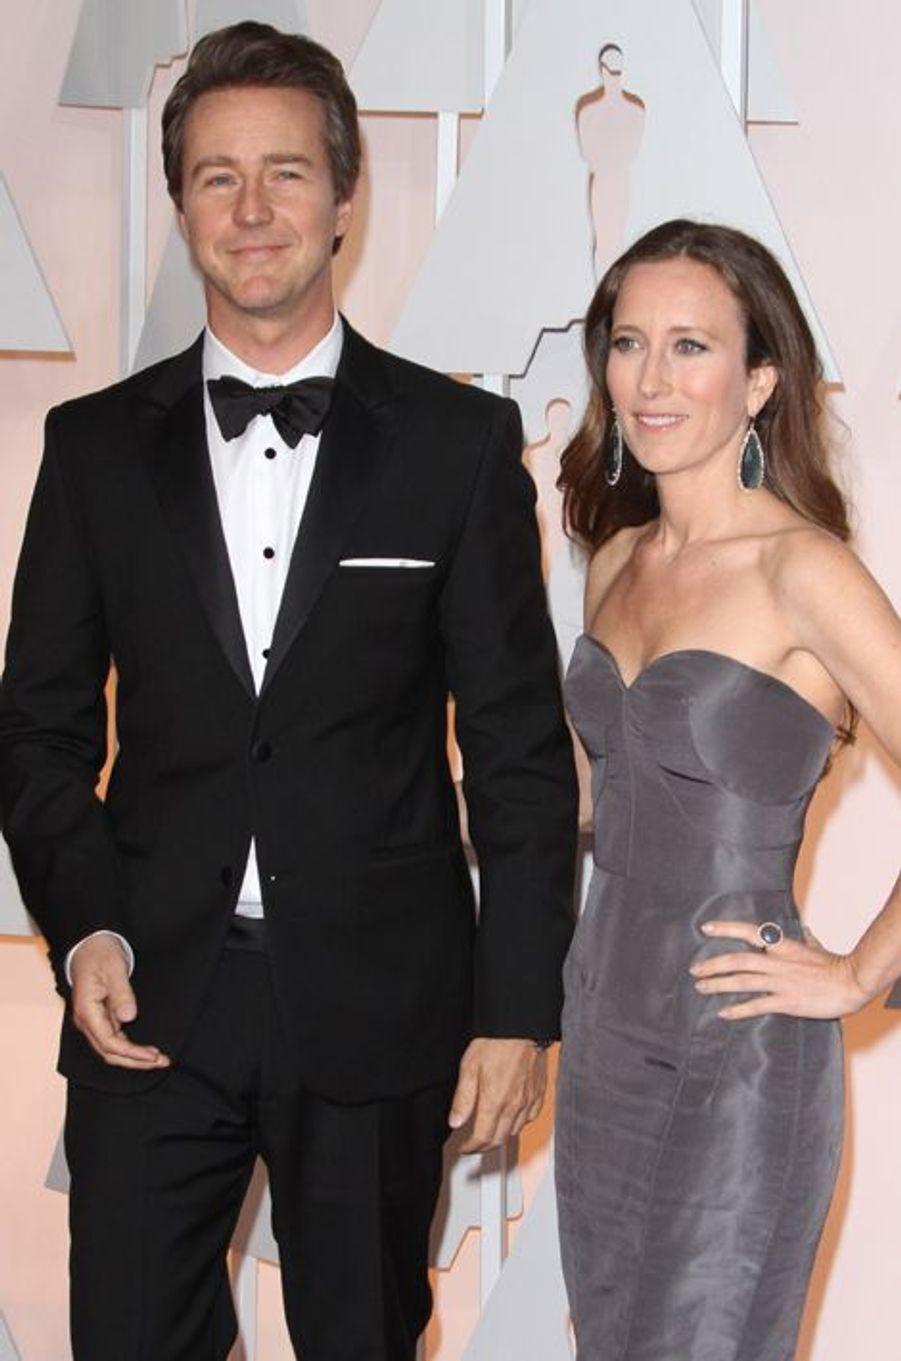 L'acteur et son épouse, la productrice Shauna Robertson, sont parents d'un petit garçon prénommé Atlas.